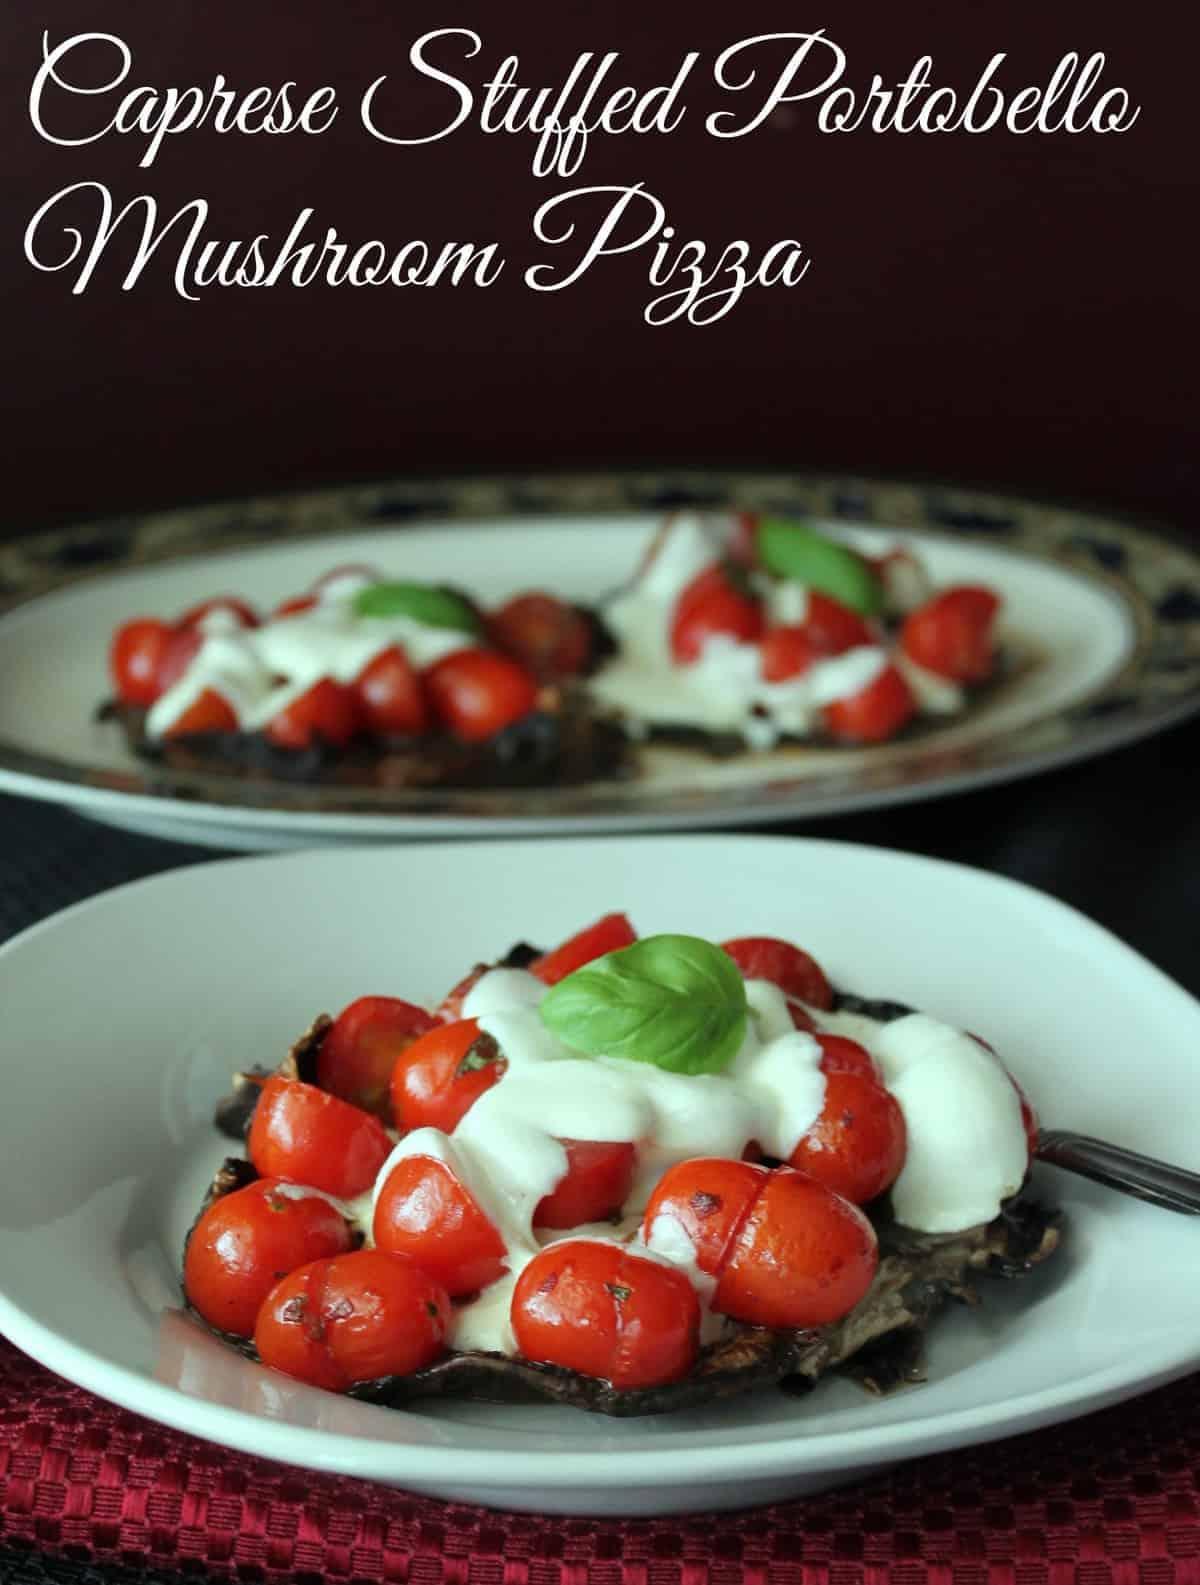 Discussion on this topic: Portobello mushrooms are low in calories and , portobello-mushrooms-are-low-in-calories-and/